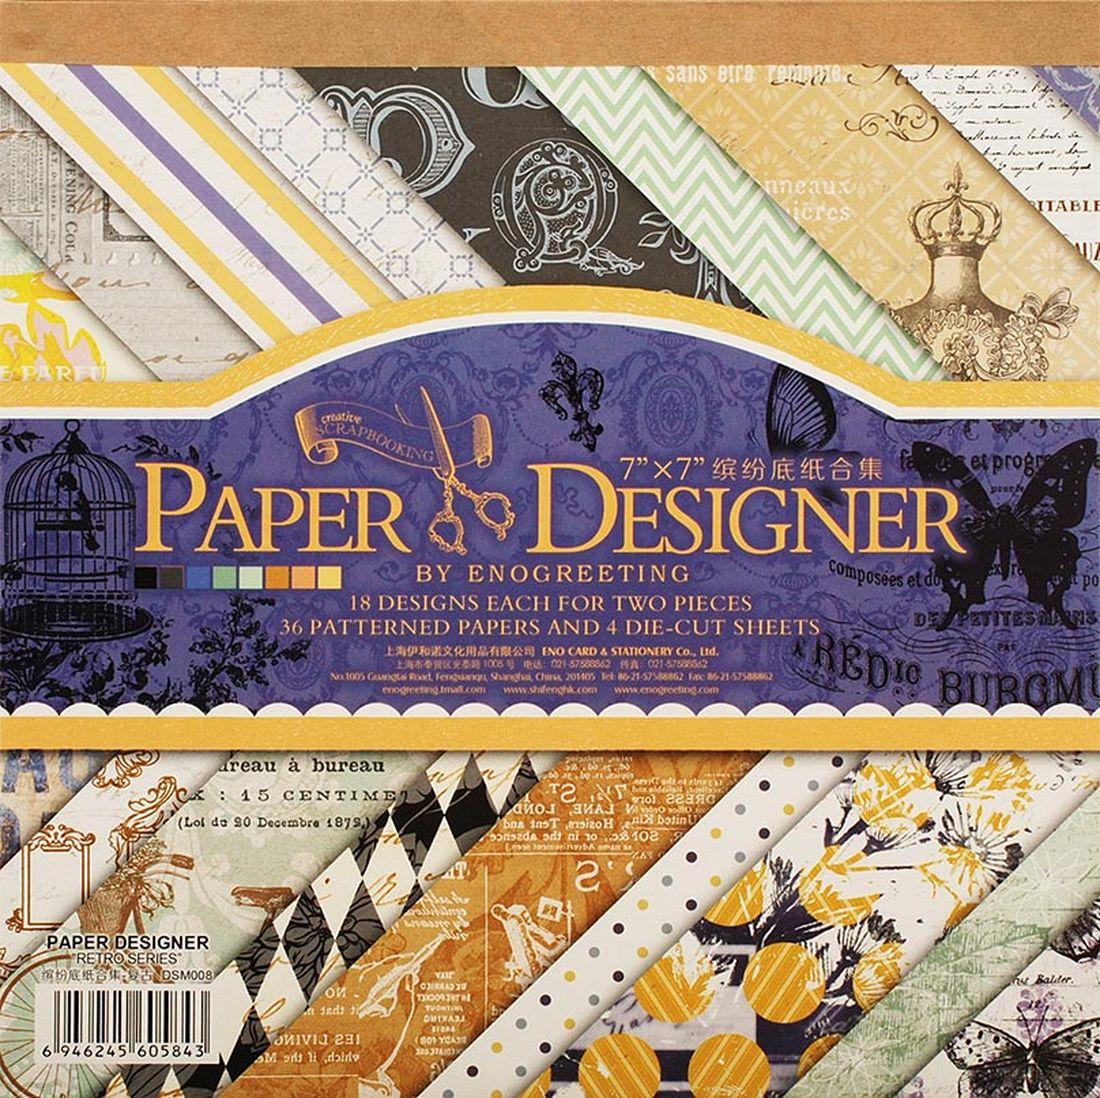 Набор бумаги для скрапбукинга Белоснежка Синий сапфир, 17,5 x 17,5 см, 36 листов004-SBНабор бумаги для скрапбукинга Синий сапфир позволит создать красивый альбом, фоторамку или открытку ручной работы, оформить подарок или аппликацию.Набор включает 36 листов из плотной бумаги: 18 дизайнов по 2 листа каждый и 4 листа с вырубкой.Размер листа: 17,5 х 17,5 см. Листы плотные, толщина - 0,25 мм, матовые, с хорошей четкой печатью, с одной стороны напечатан фоновый рисунок, обратная сторона - тонированная однотонная.Отличительная особенность набора - наличие нескольких листов с фигурной вырубкой различной формы и дизайна.